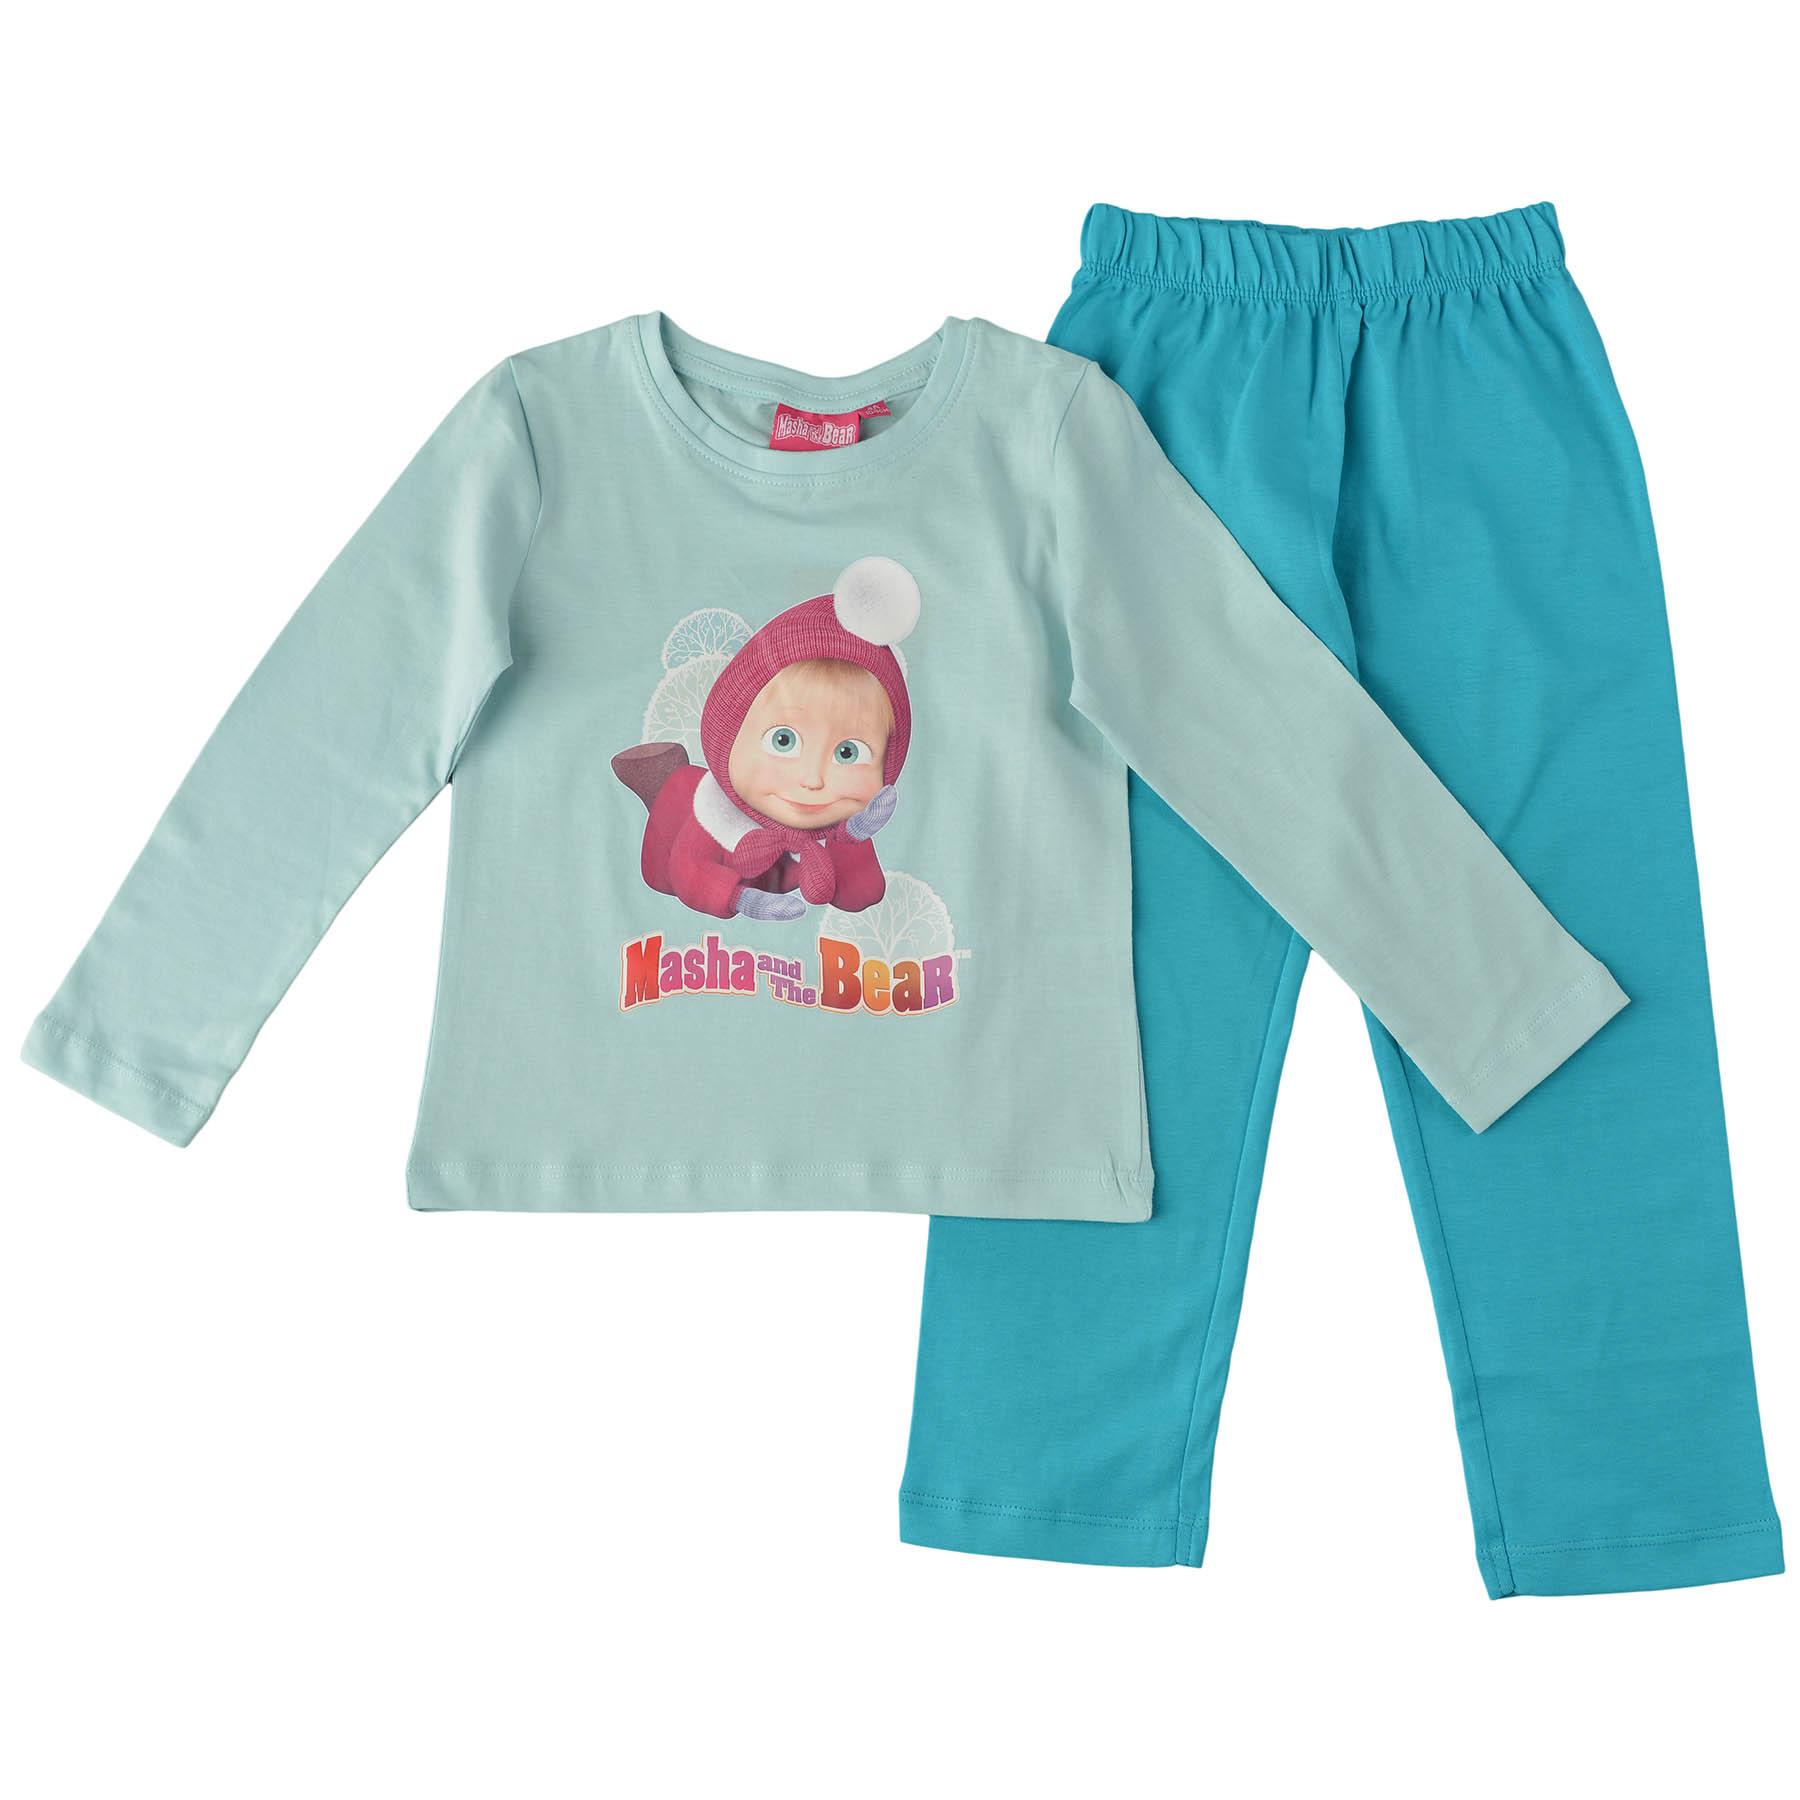 40d1b757bb9b Oblečenie pre deti Máša a medveď